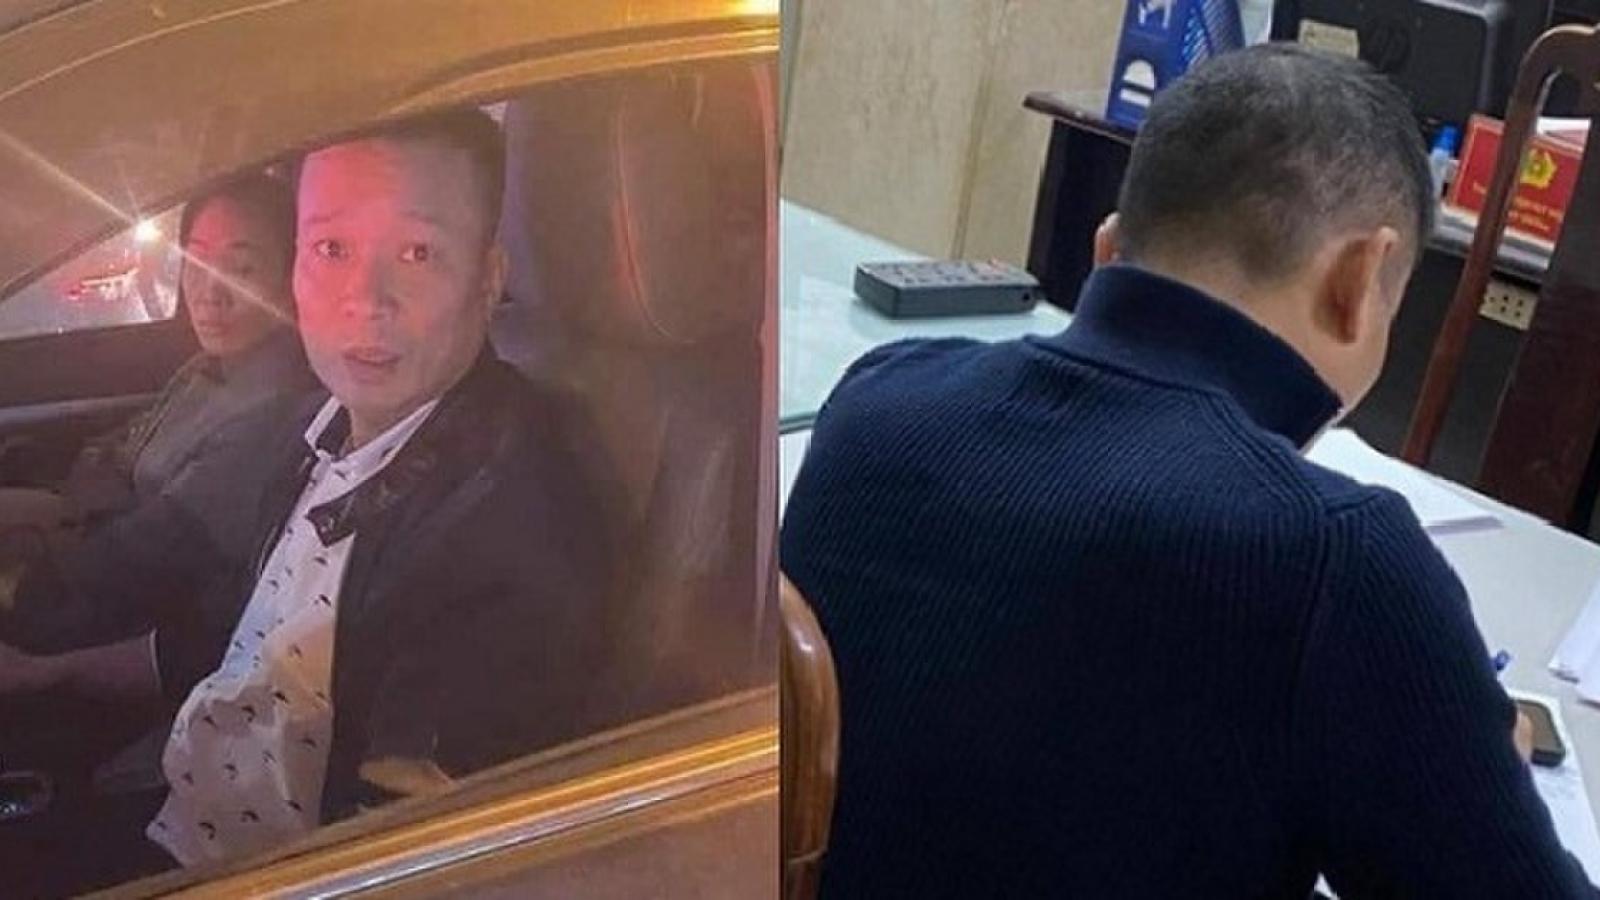 Khởi tố tài xế đánh người vì bị nhắc nhở ở Hà Nội